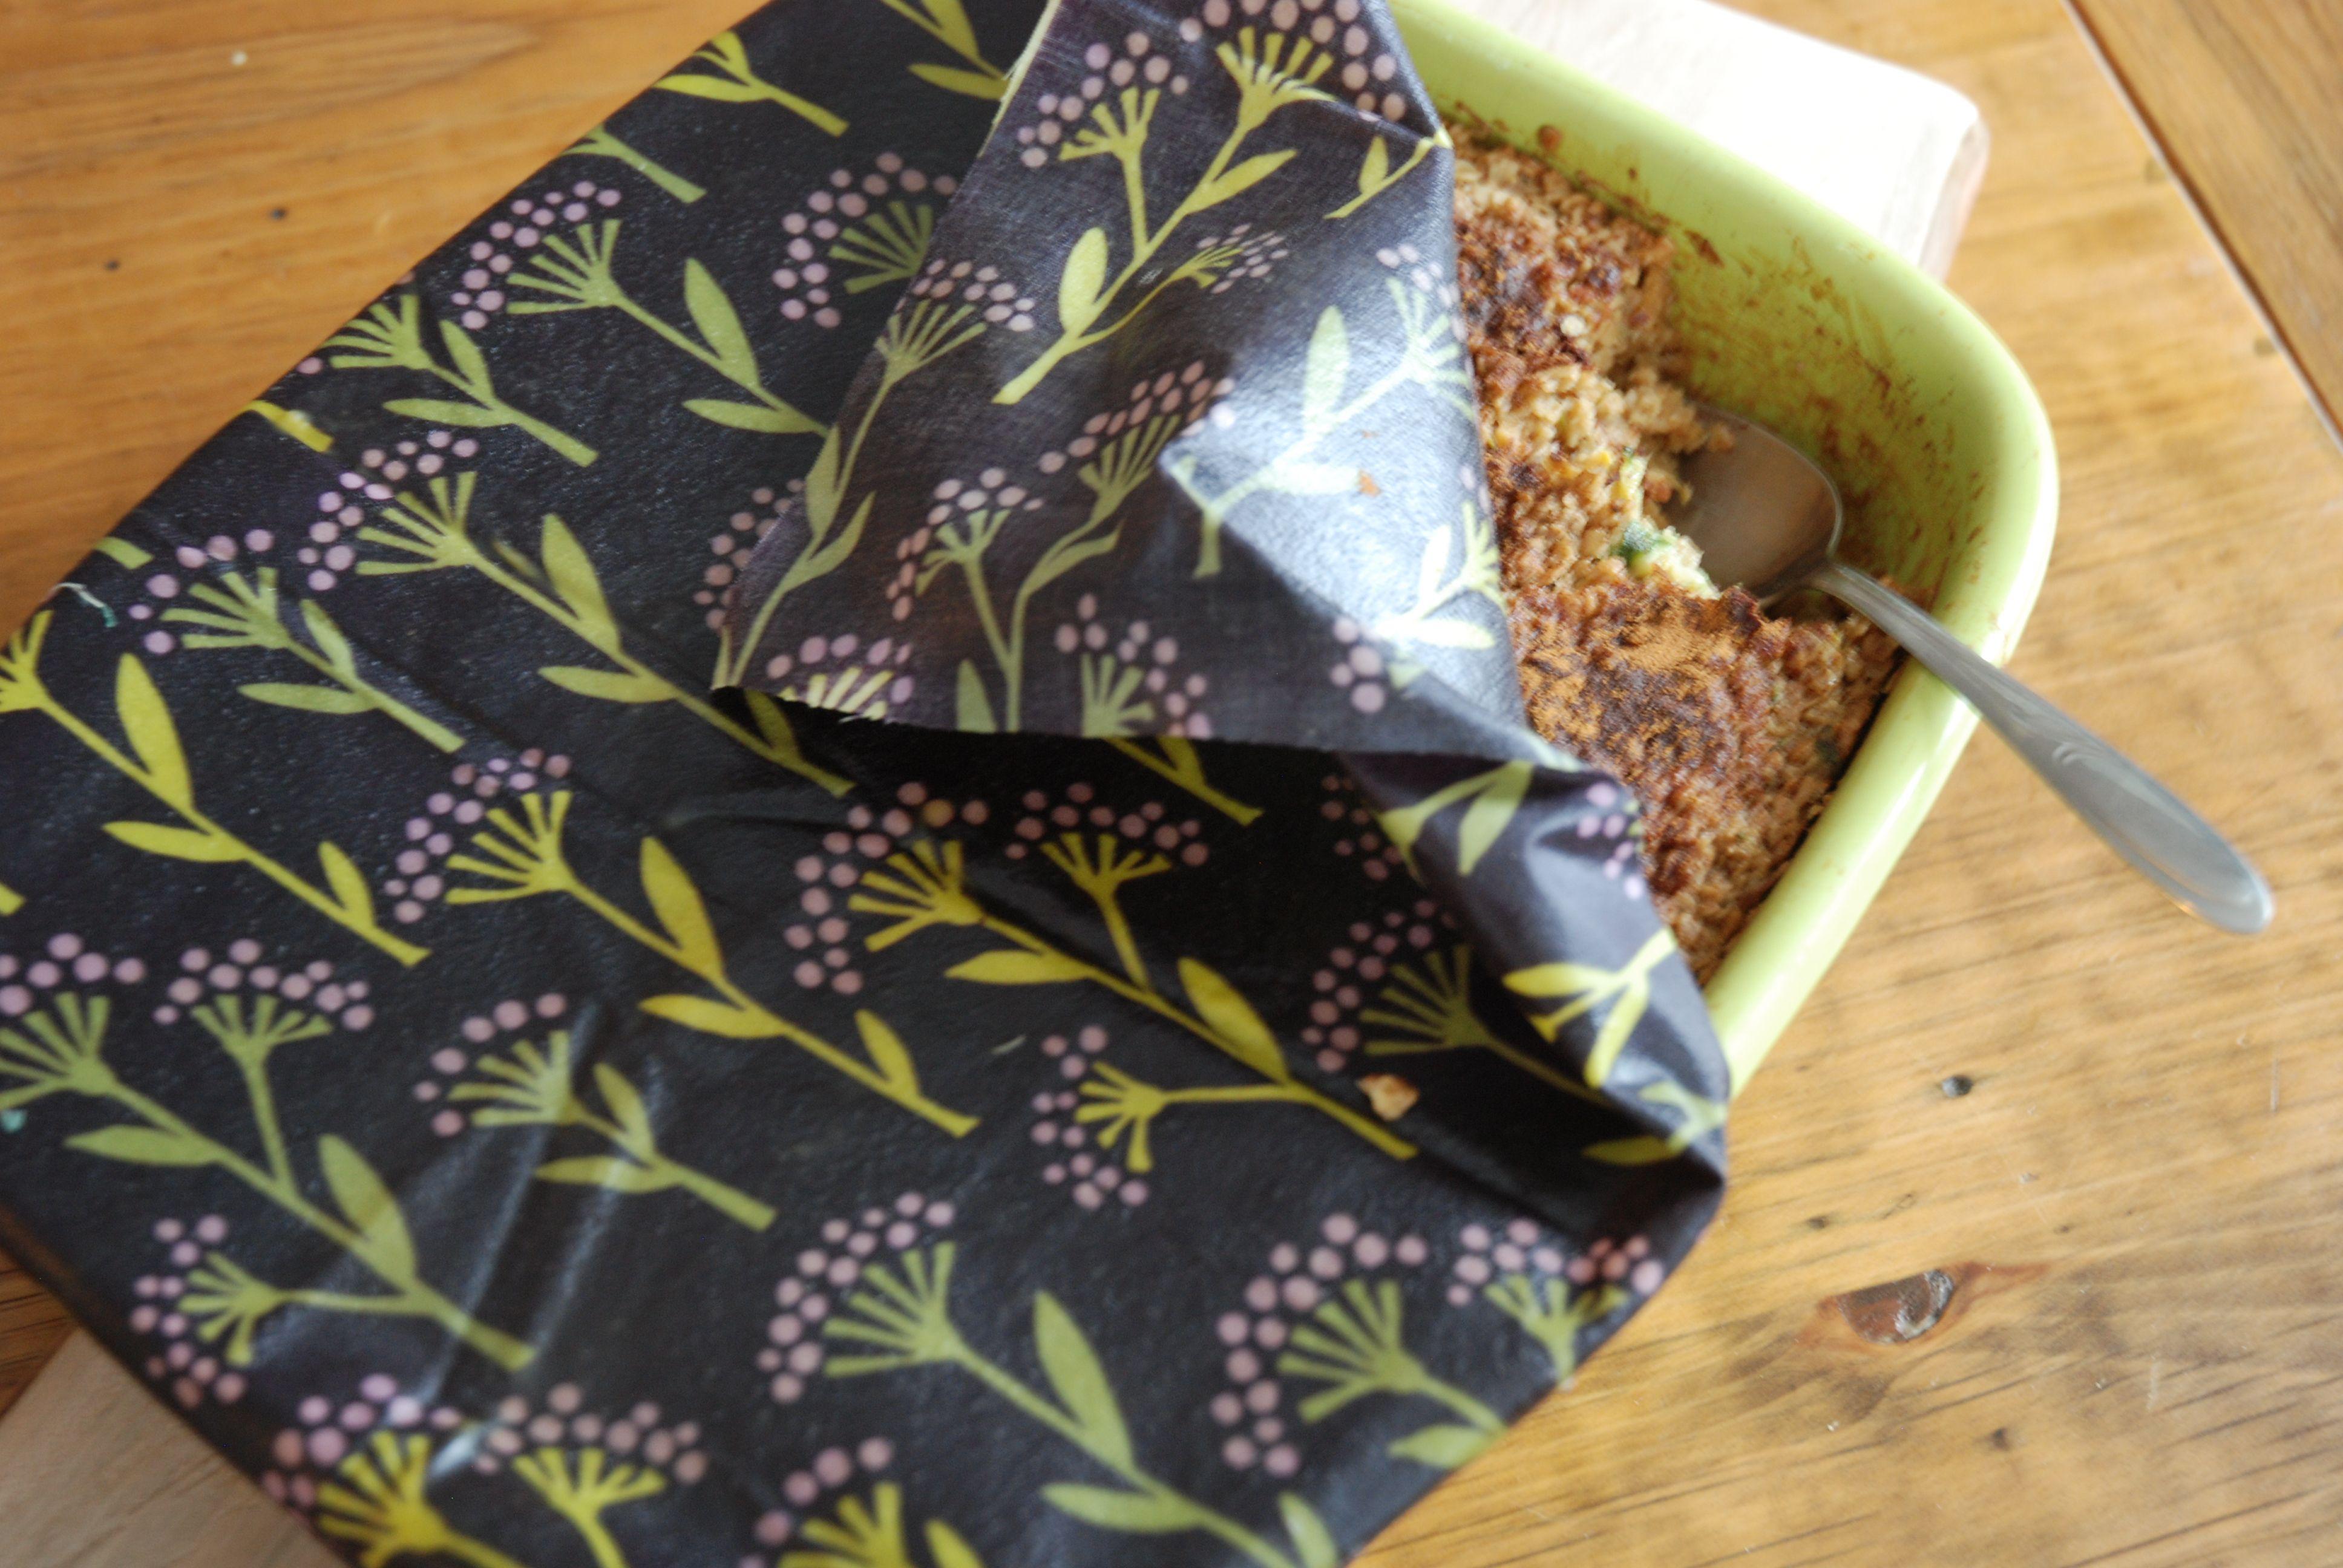 Beeswax & Resin Food Wrap   DIY   Bees wax wrap diy, Beeswax